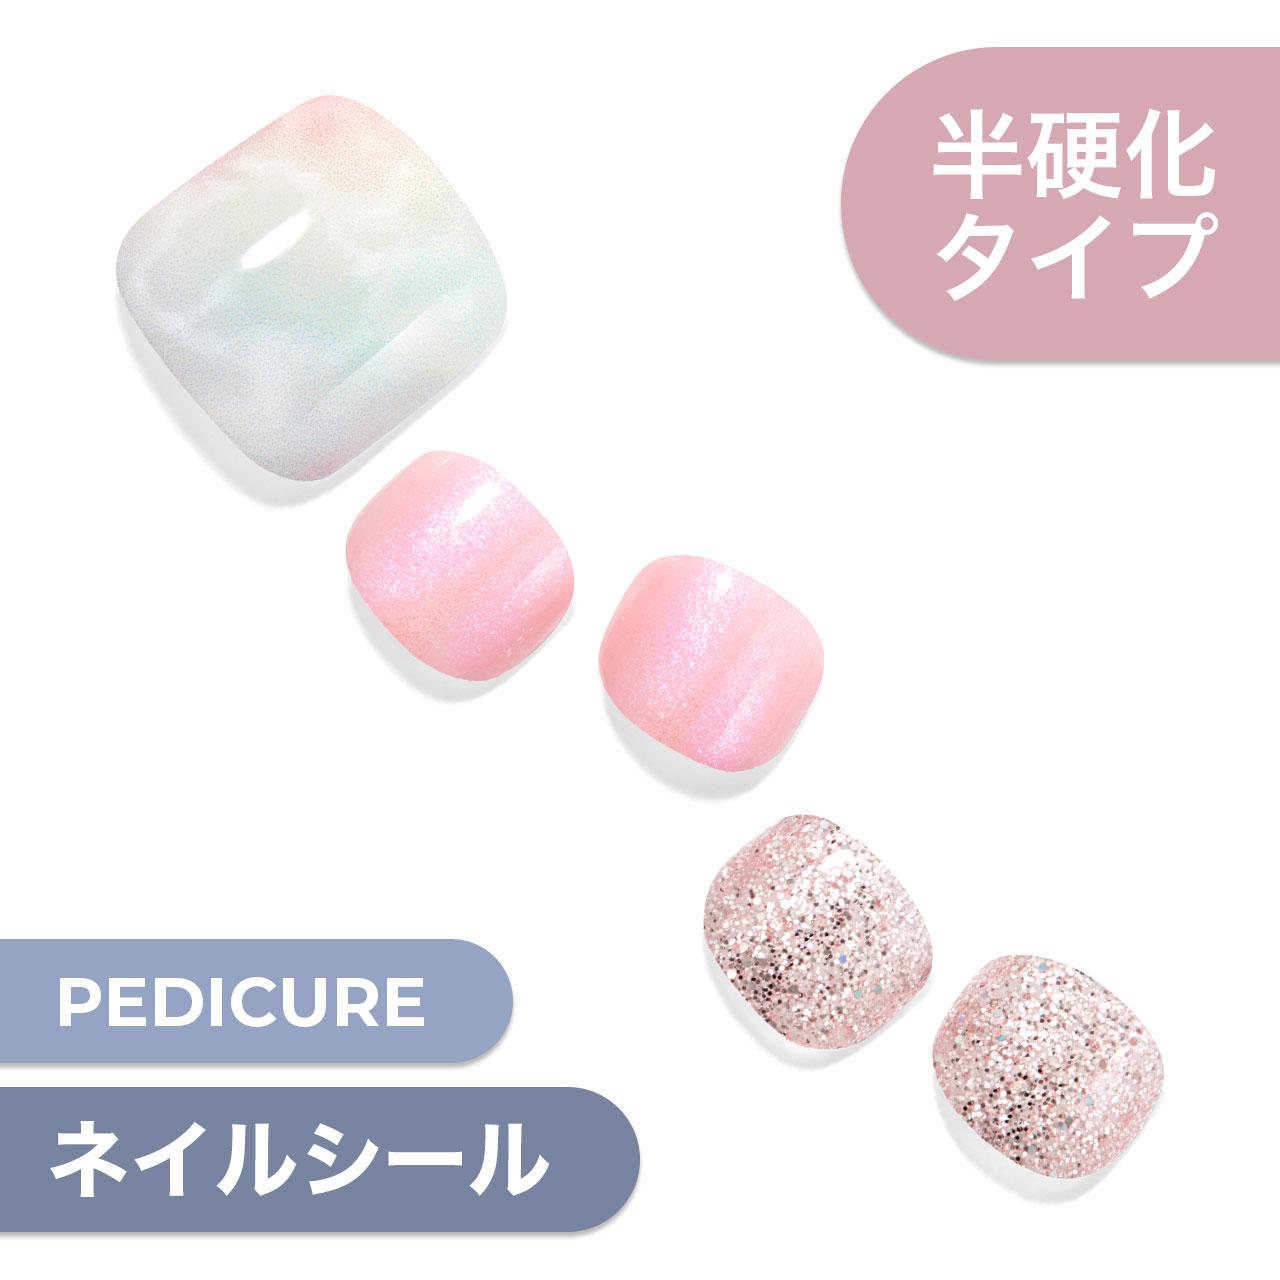 【Rainbow Cream】ダッシングディバグレーズ ペディ